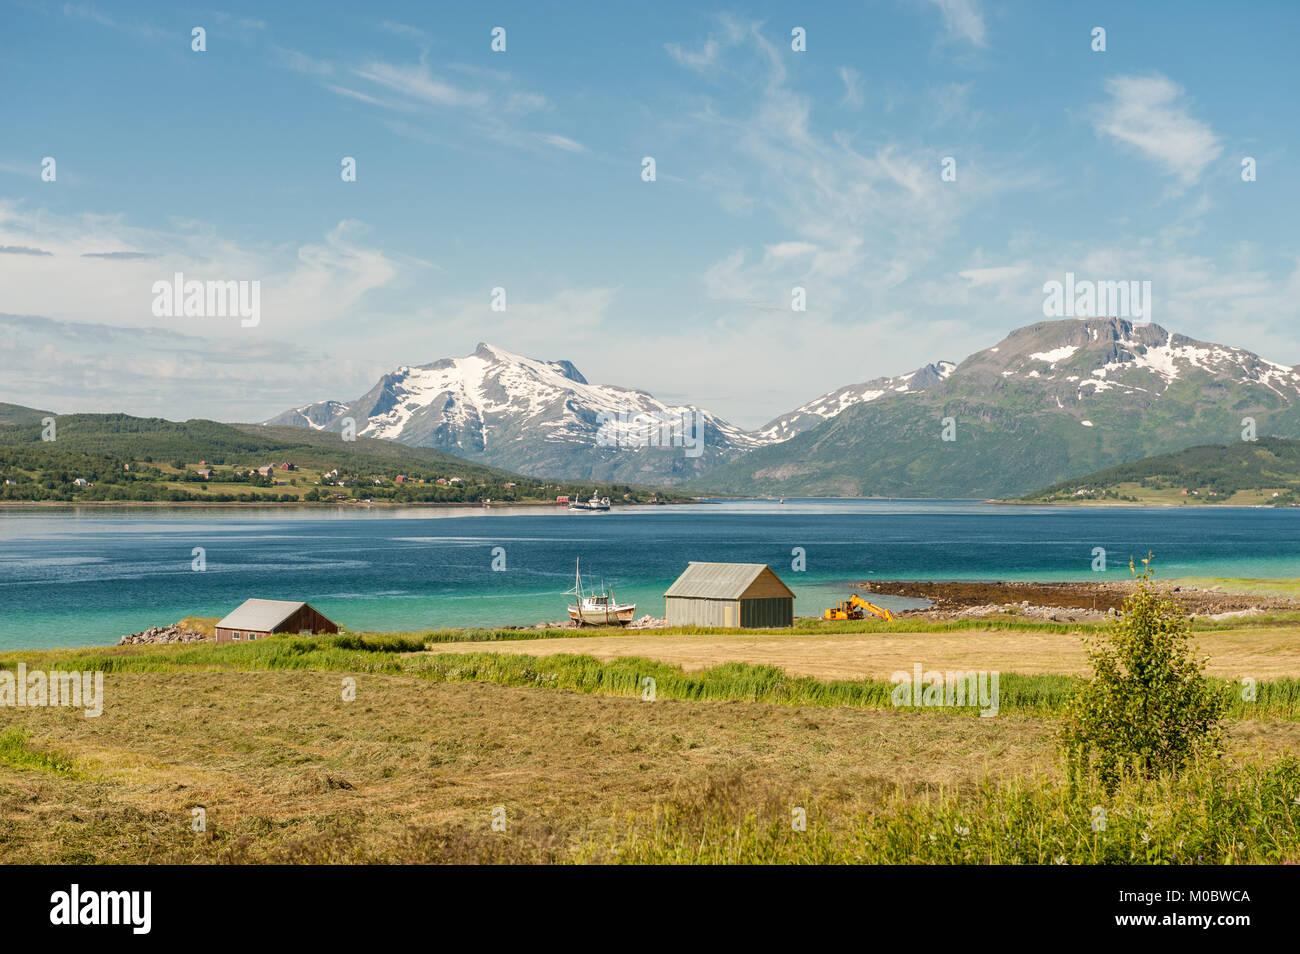 La pesca e l'agricoltura a isole Lofoten durante l'estate nel nord della Norvegia Foto Stock